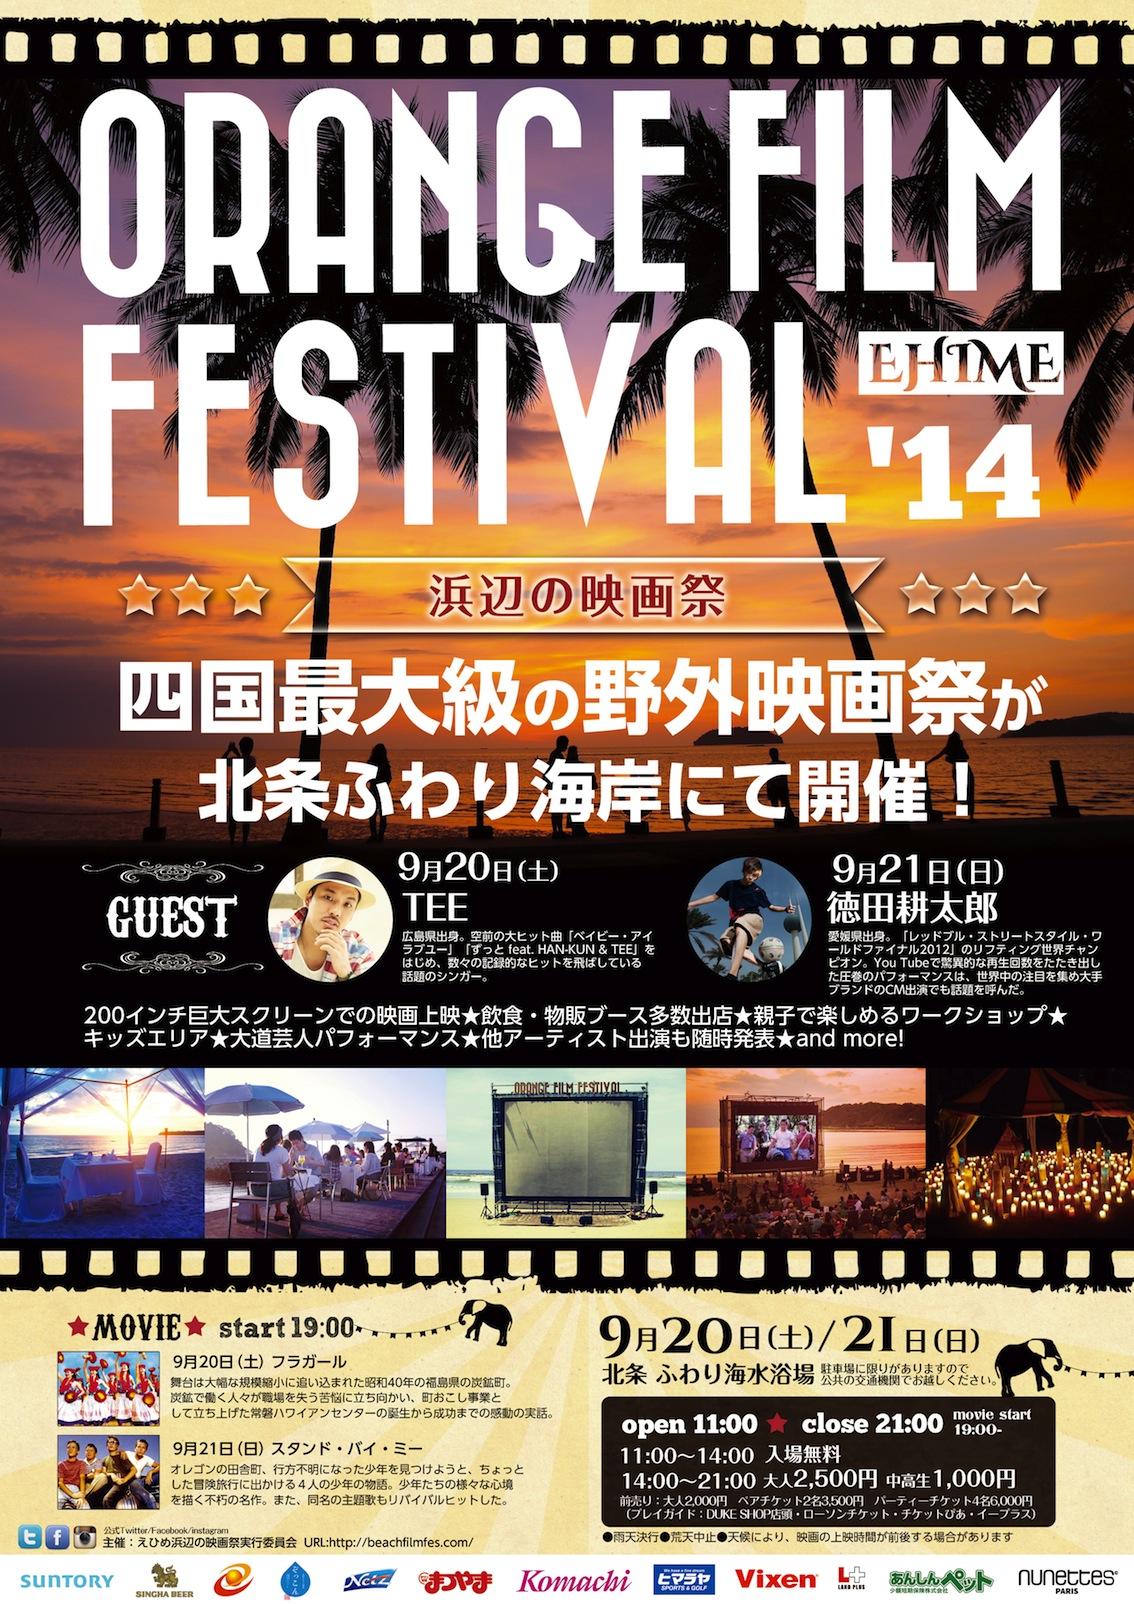 野外映画祭「オレンジ フィルム フェスティバル-浜辺の映画祭-」